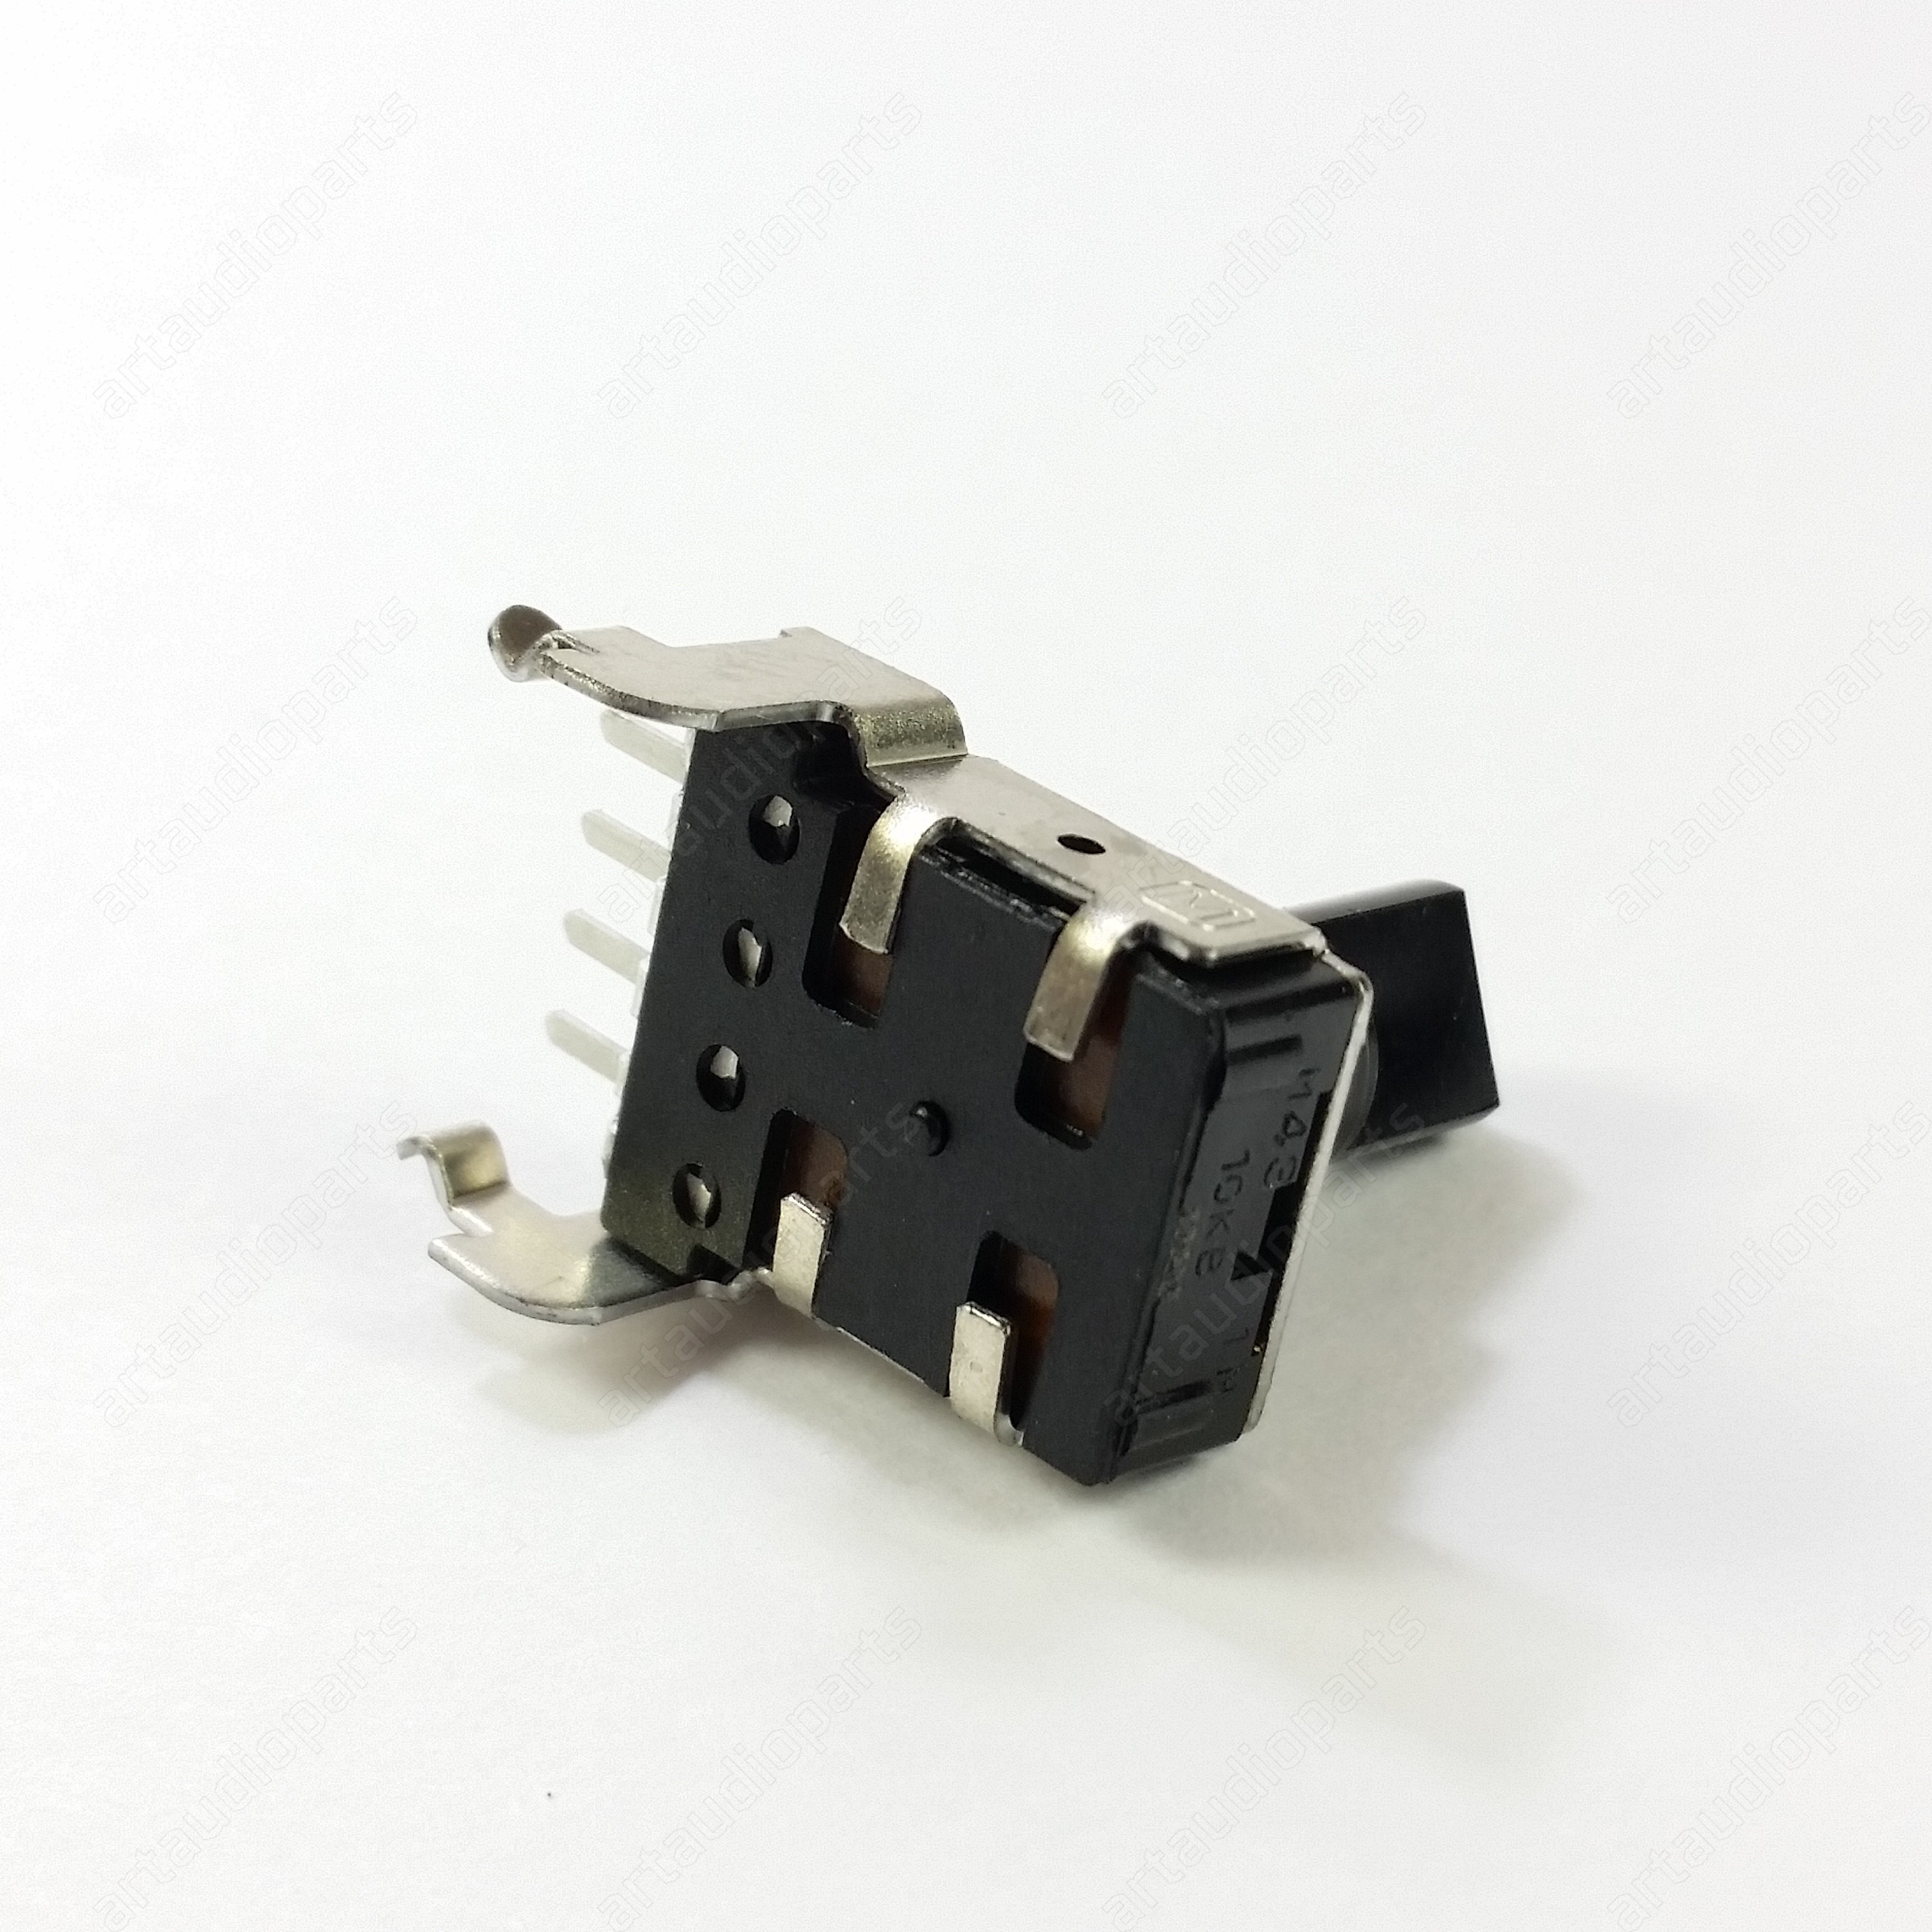 Rotary pot Pitch Bend for Yamaha PSR-1500 PSR-2000 PSR-2100 PSR-3000  PSR-S700